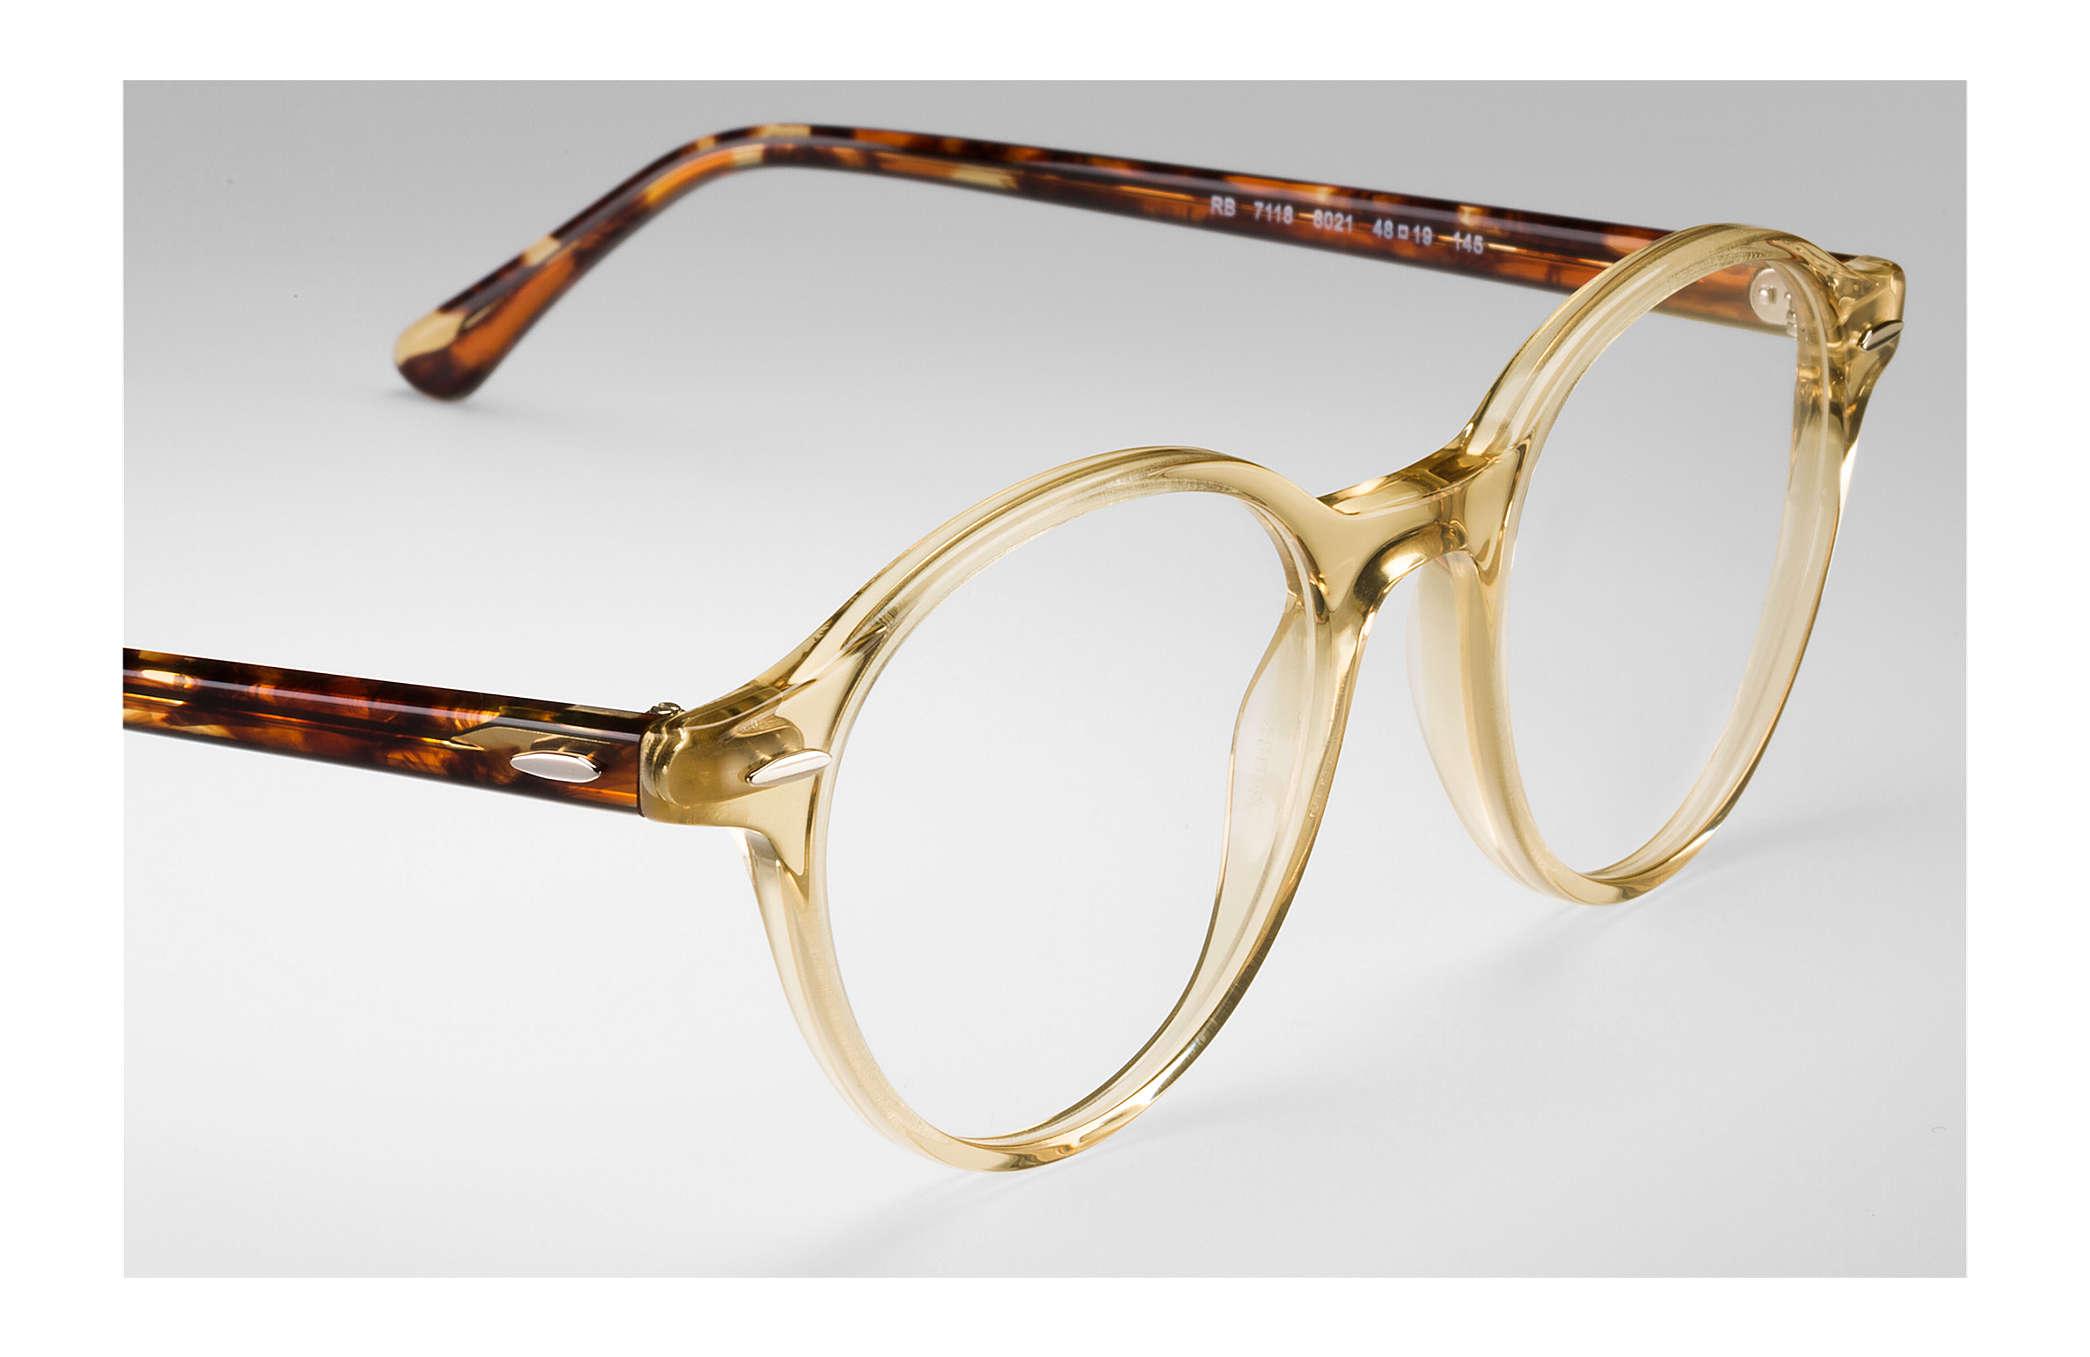 192c3948ad382 Ray-Ban prescription glasses Dean RB7118 Yellow - Propionate ...